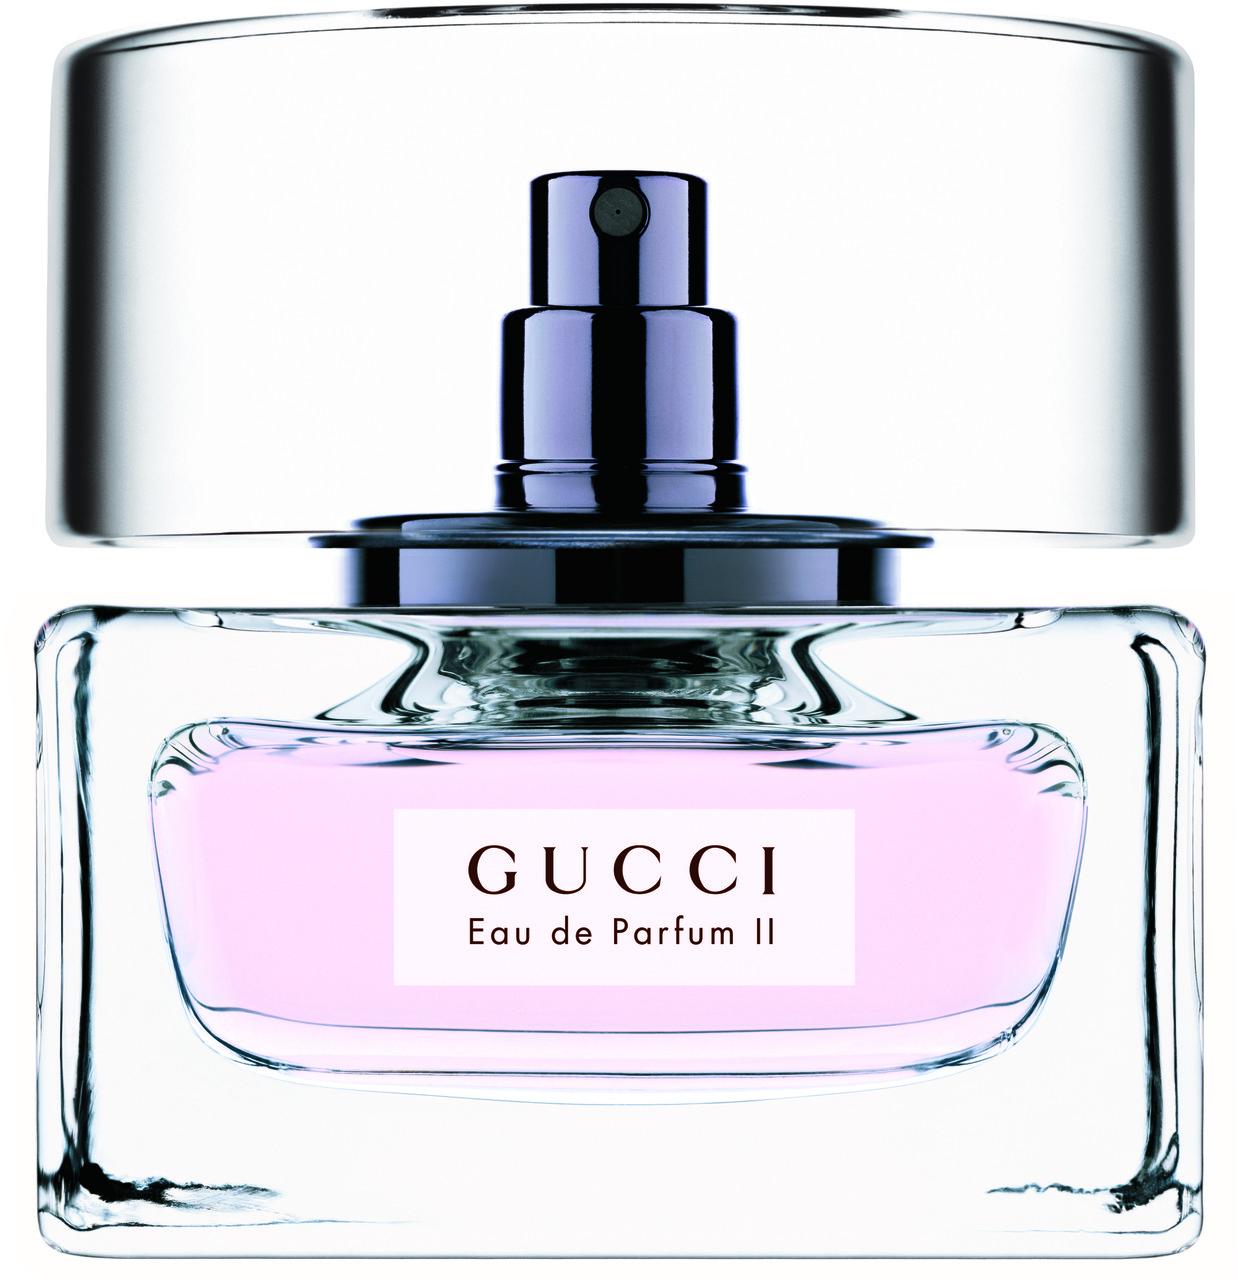 Женская парфюмированная вода Gucci Eau de Parfum II (холодный, тонкий, многогранный аромат)| Реплика